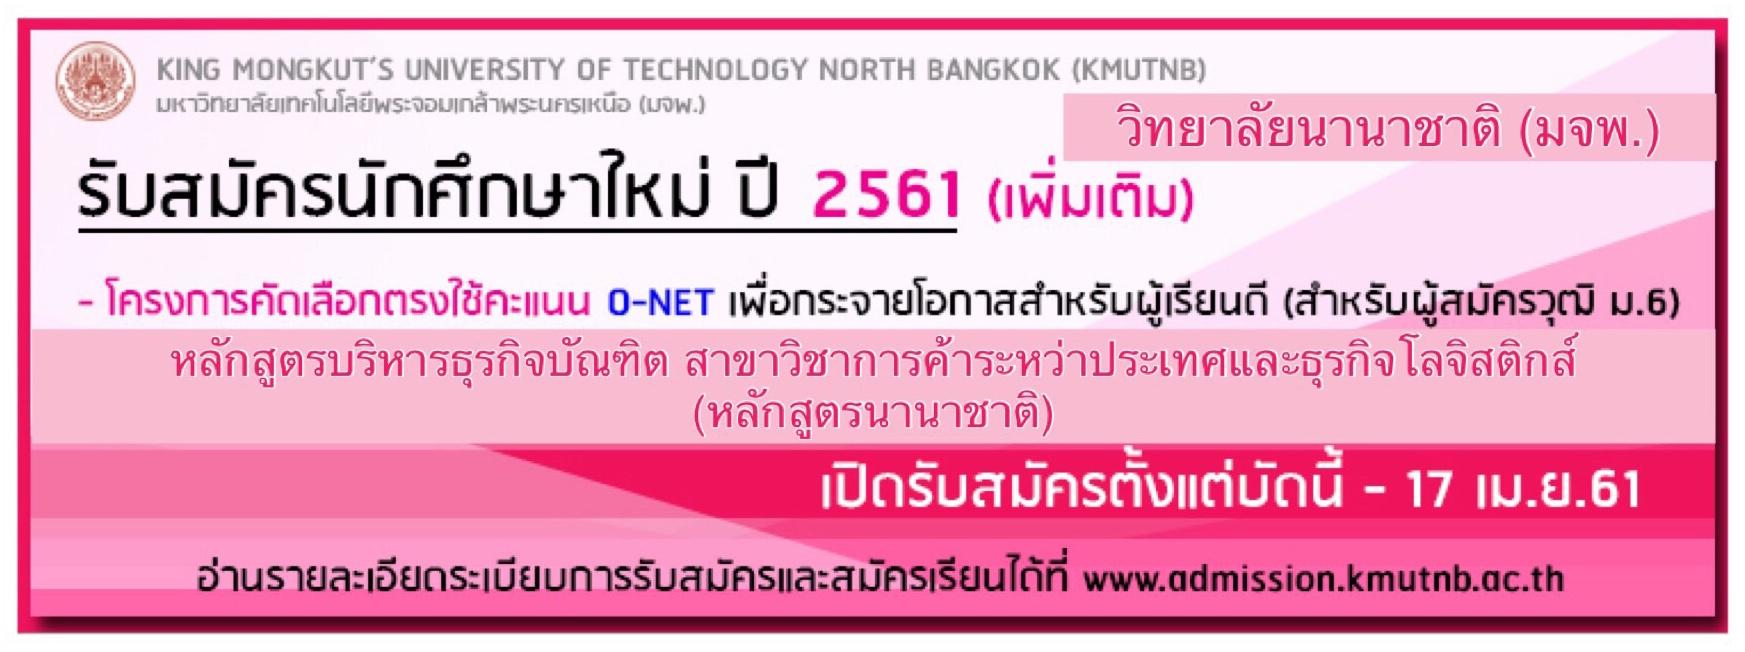 การรับสมัครนักศึกษาใหม่ปี 2561(เพิ่มเติม) โดยใช้คะแนน O-NET